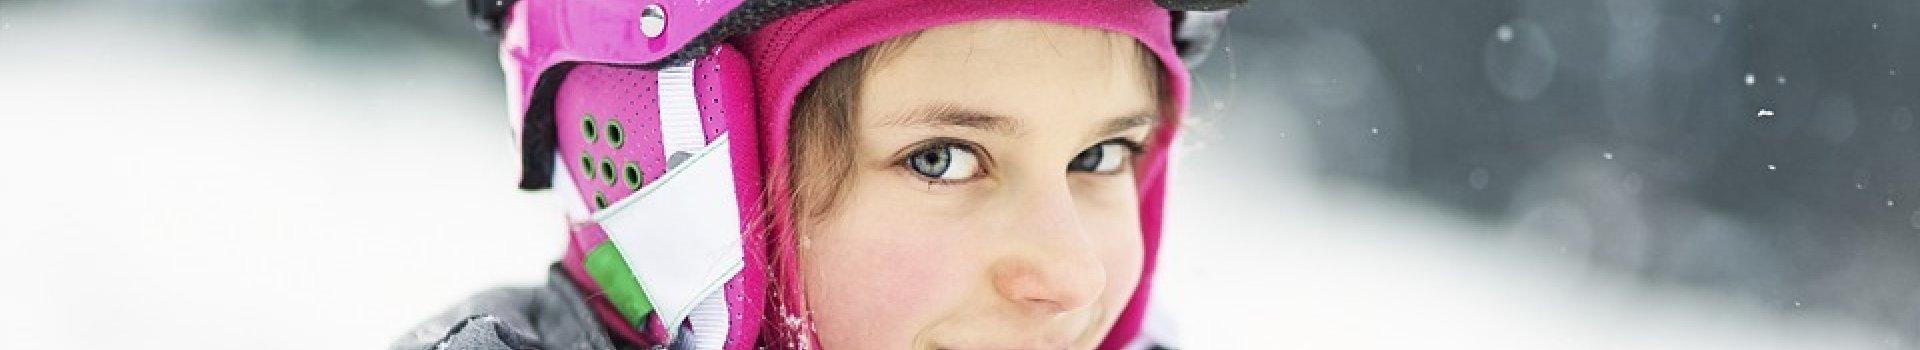 Ochrona dziecięcej głowy z pomysłem